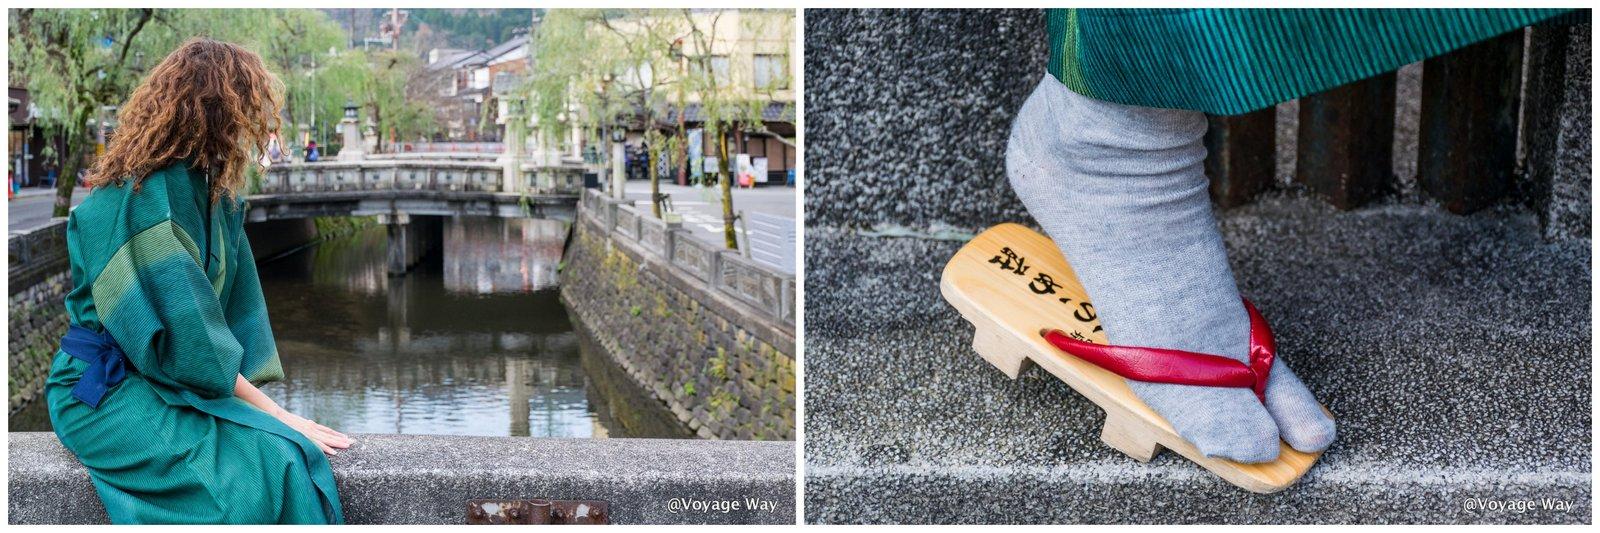 En yukata traditionnel à Kinosaki (crédit photo: Voyage Way)